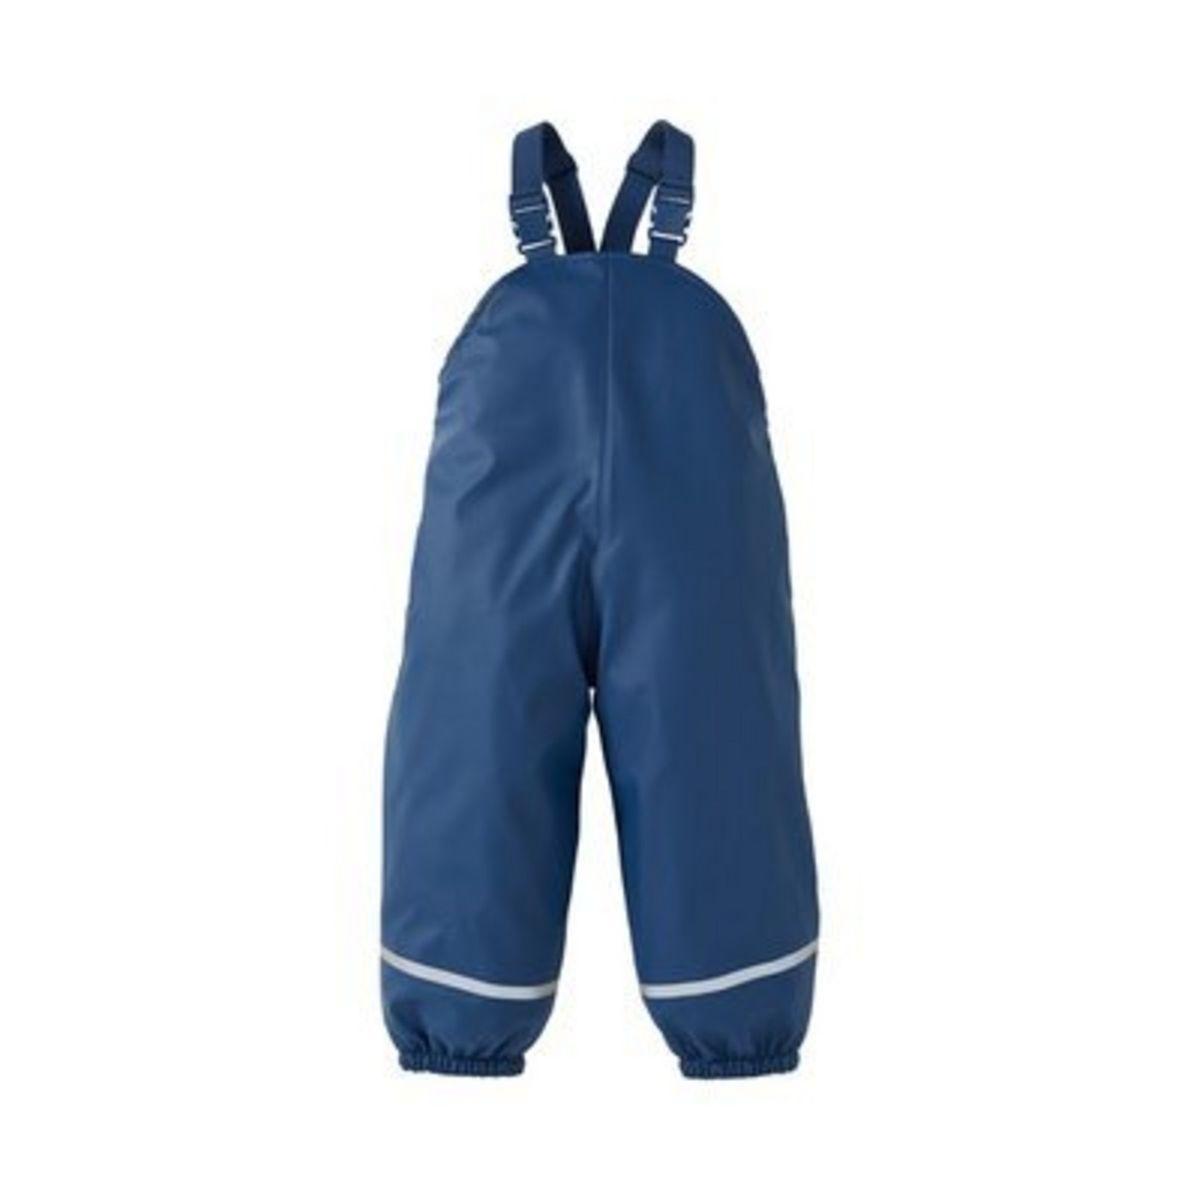 Bornino Salopette imperméable pantalon de pluie bébé tenue de pluie